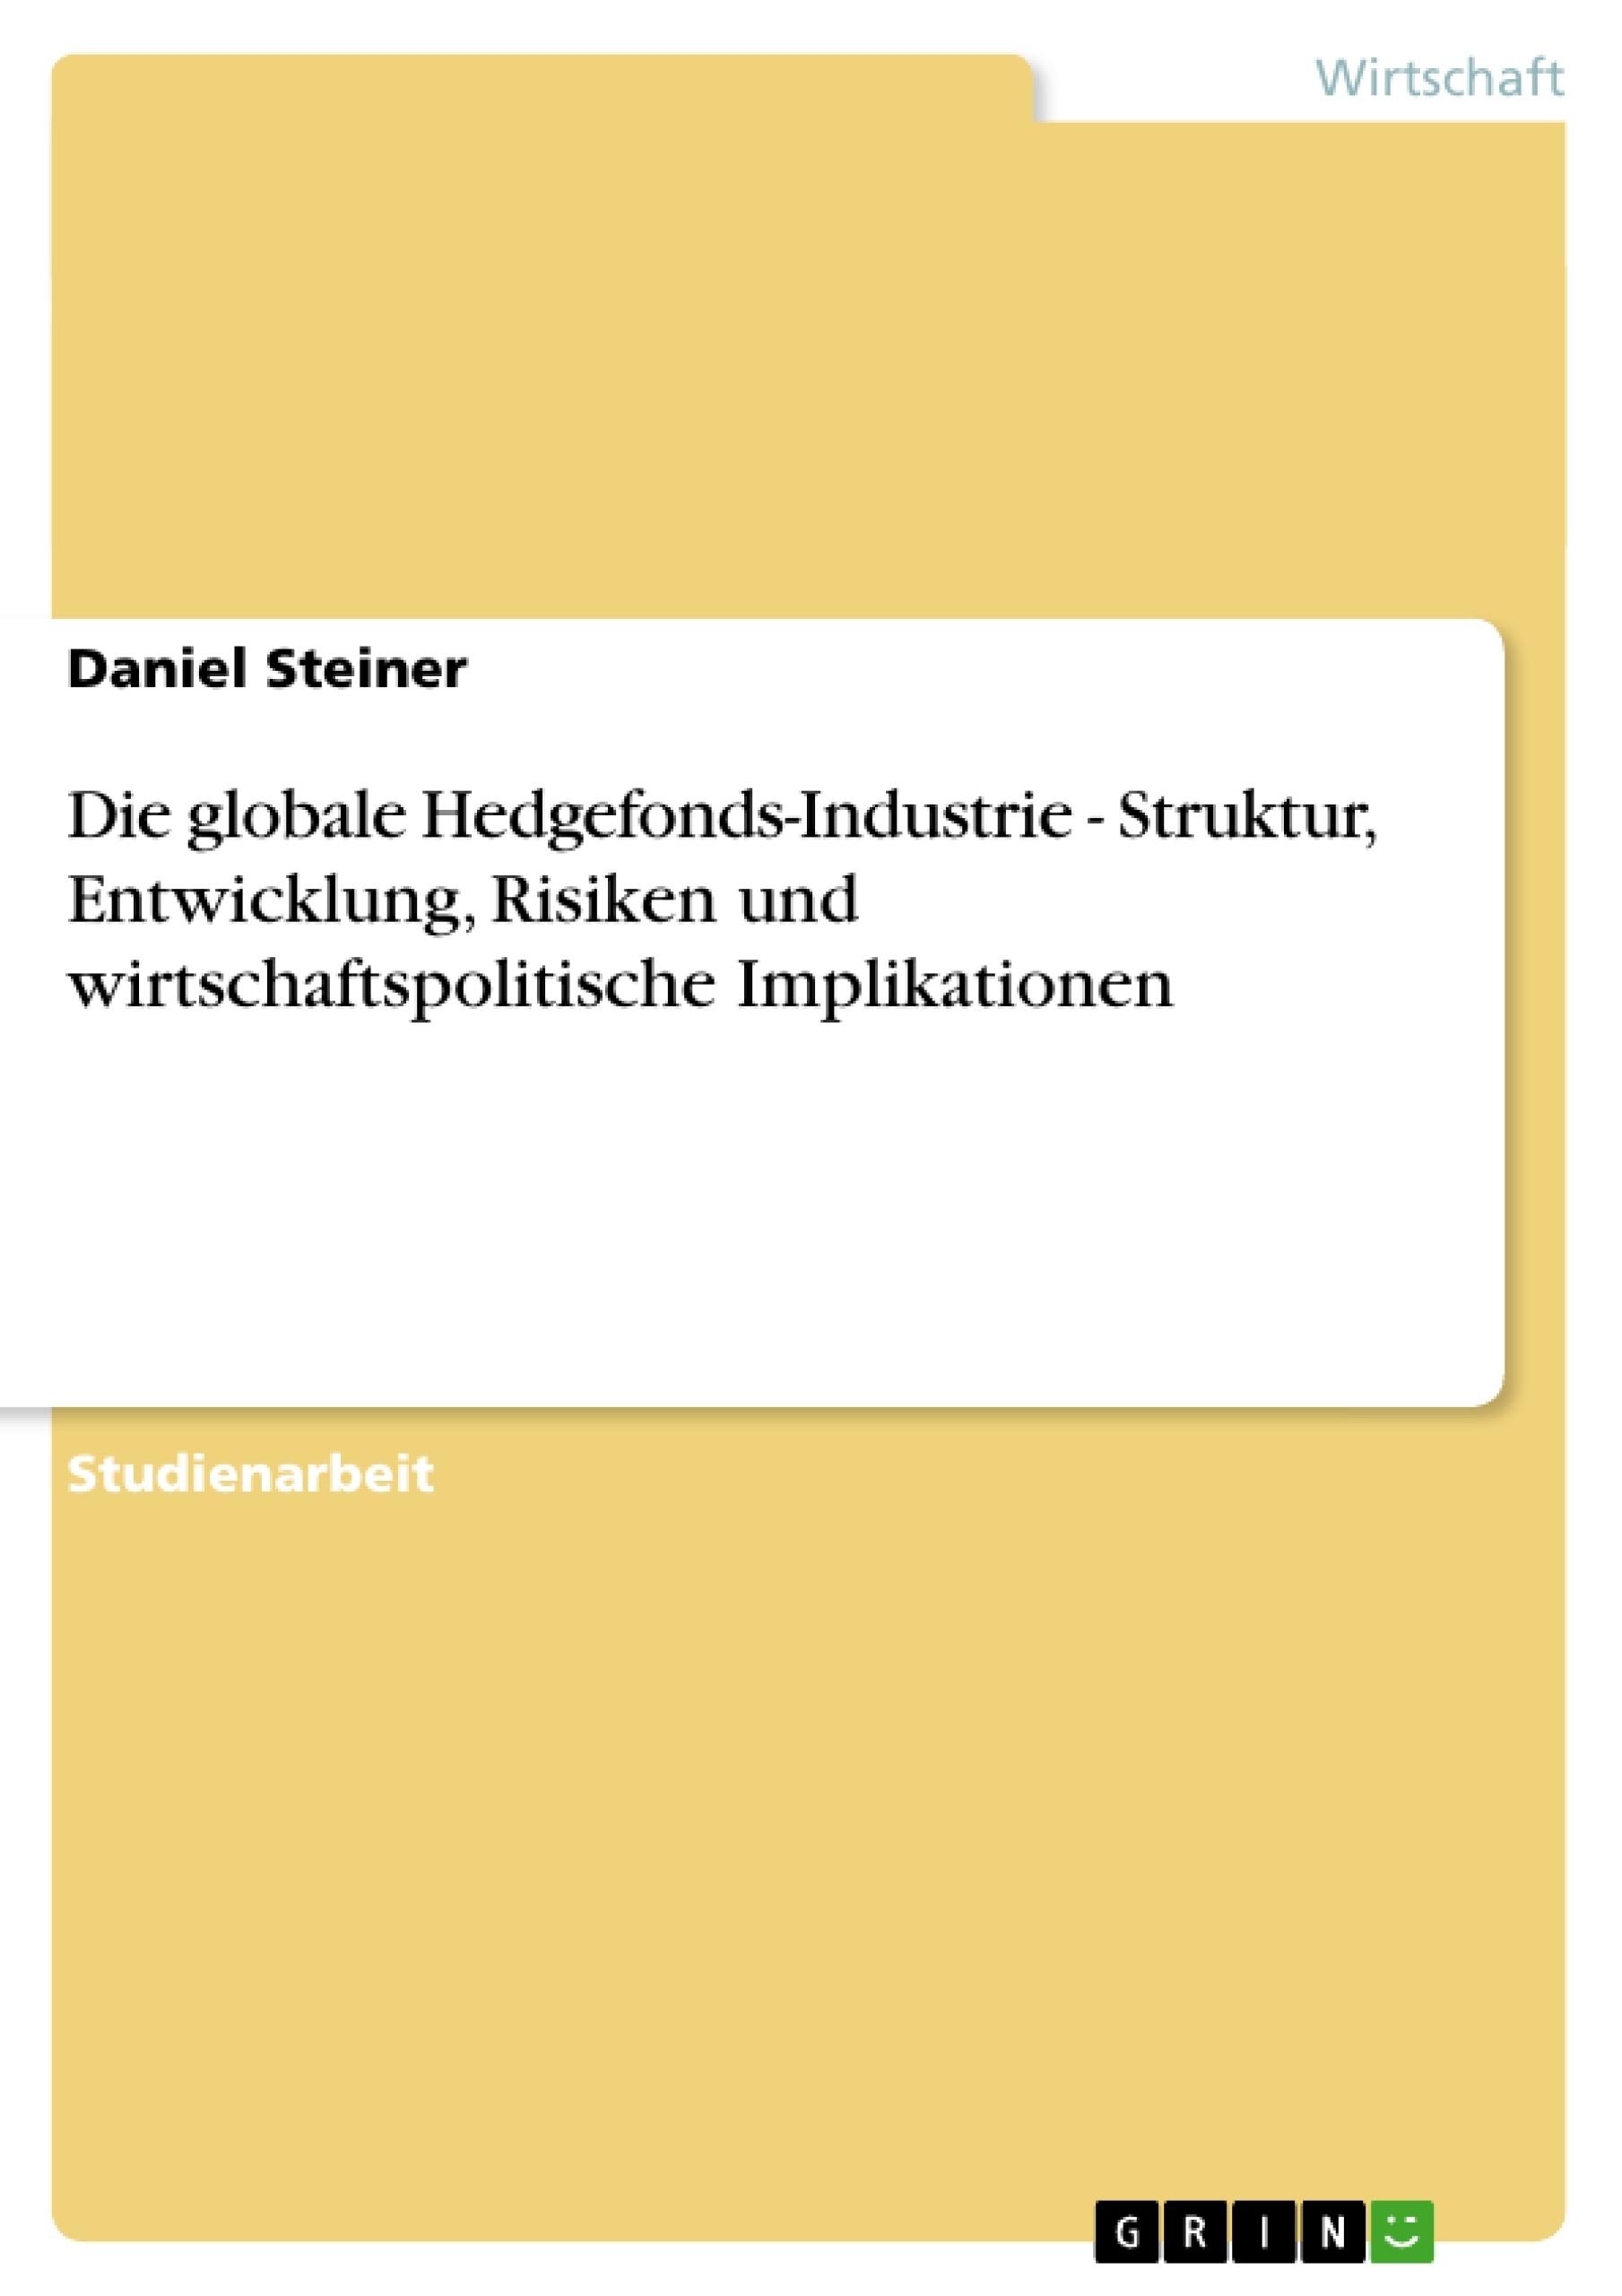 Titel: Die globale Hedgefonds-Industrie - Struktur, Entwicklung, Risiken und wirtschaftspolitische Implikationen